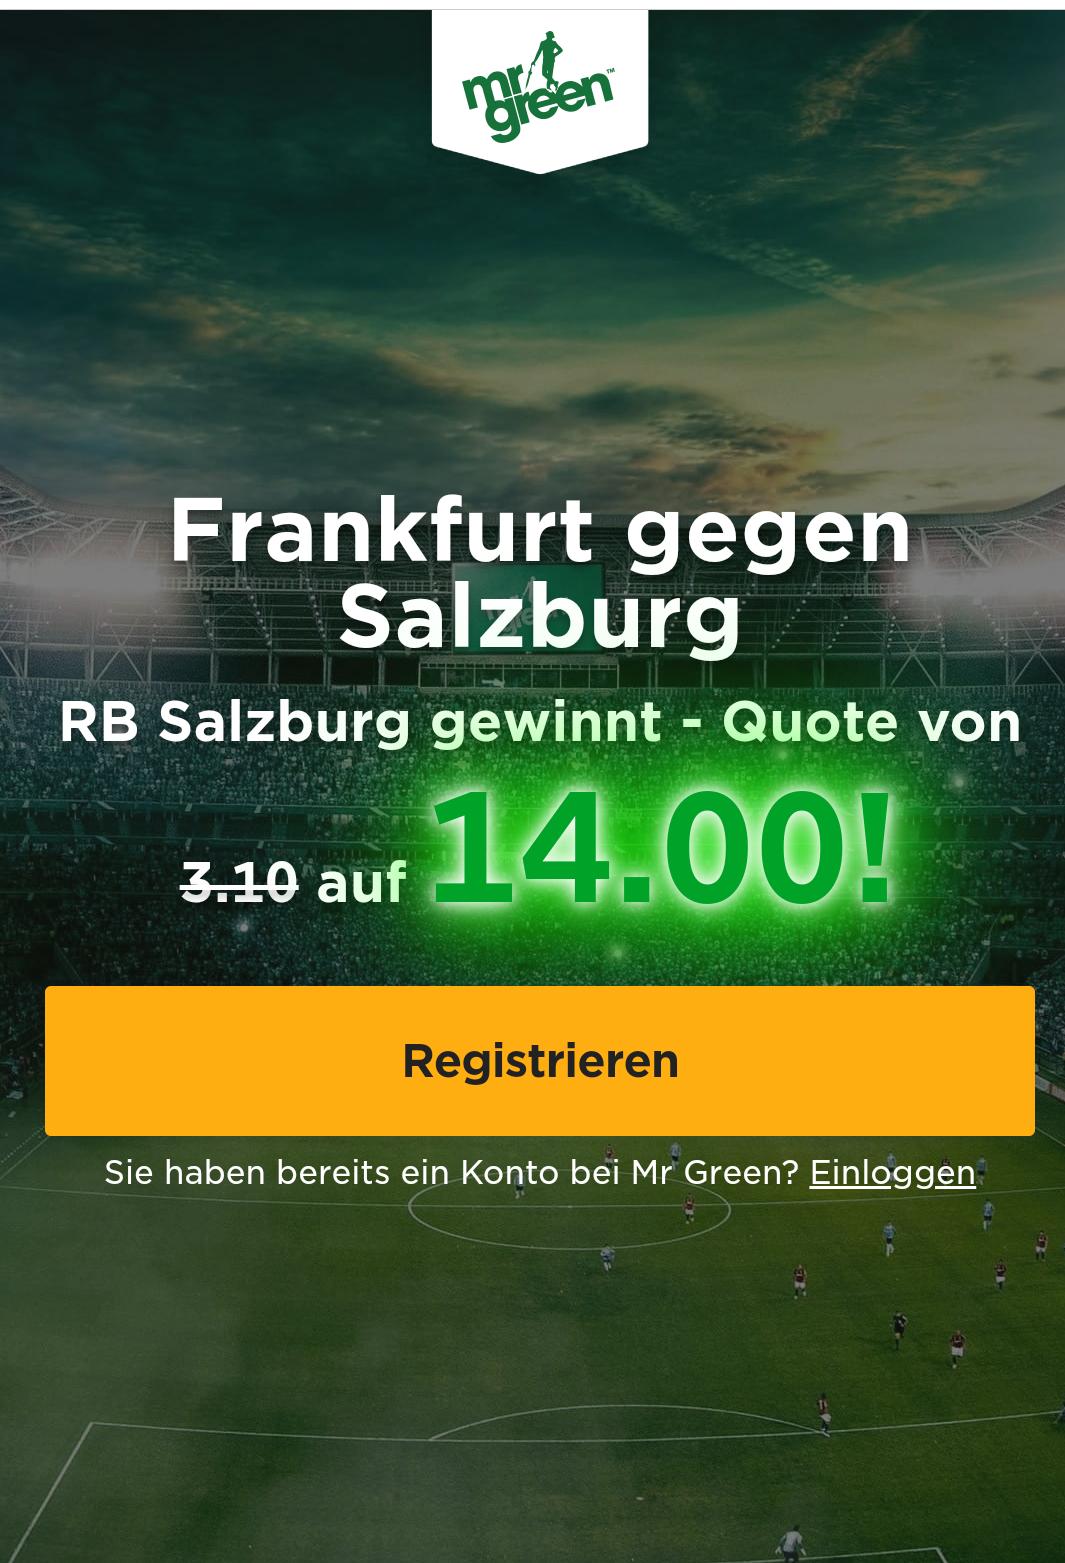 12,34 € Fix Gewinn - SureBet Neukunden - bei Frankfurt-Salzburg